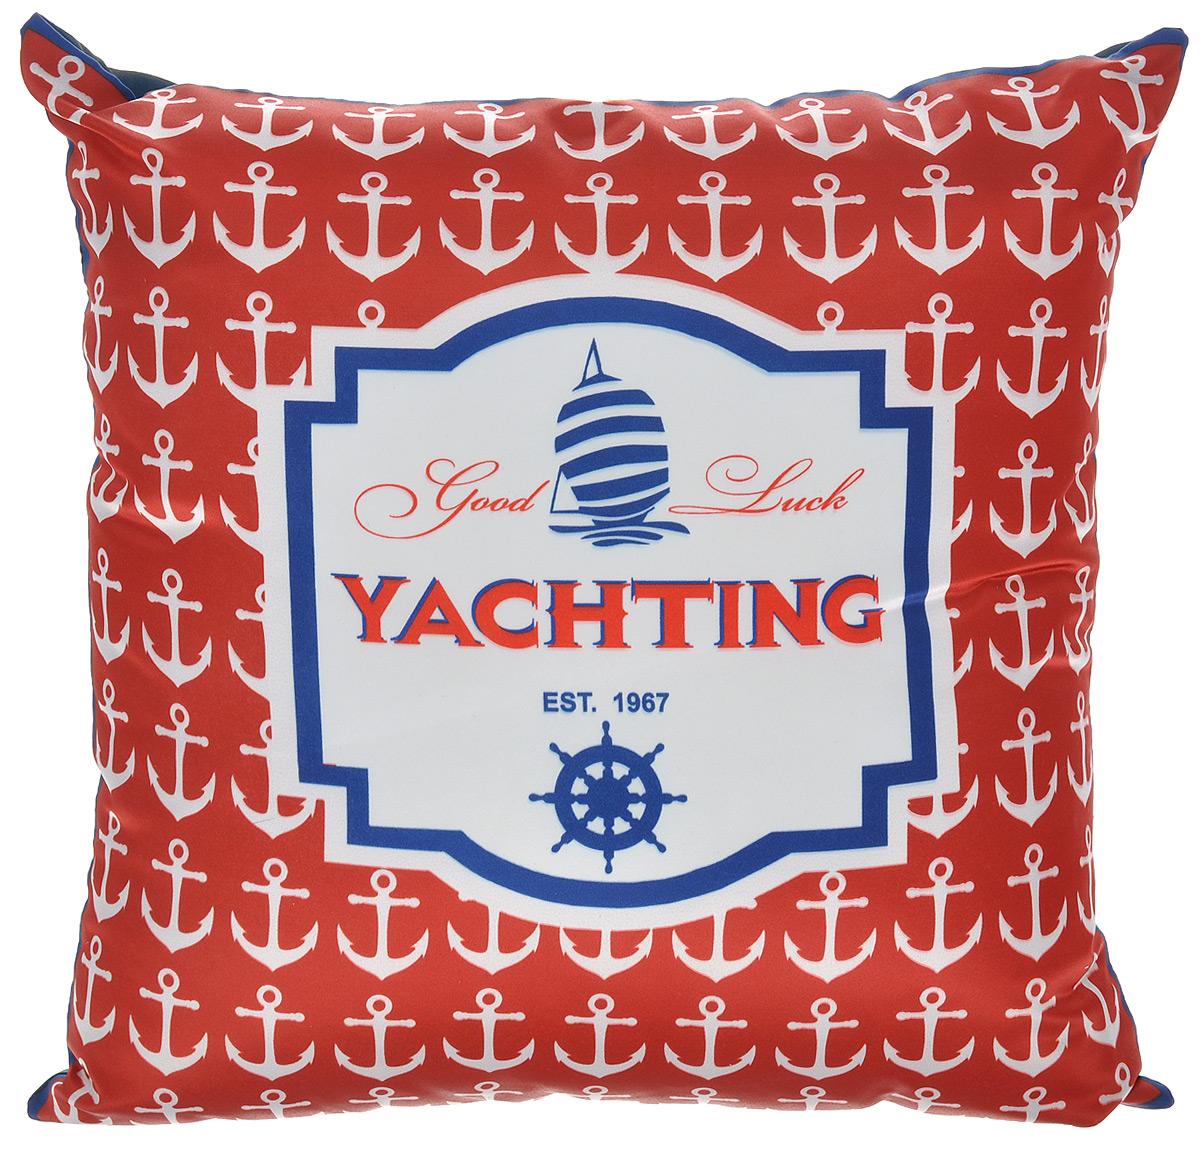 Подушка декоративная GiftnHome Yachting, 35 см х 35 смV30 AC DCДекоративная подушка GiftnHome Yachting станет прекрасным украшением интерьера помещения. Наволочка выполнена из атласа, внутри - наполнитель из мягкого холлофайбера. Подушка оформлена красивым принтом в морском стиле. Сзади расположена молния, которая позволяет легко снять и постирать чехол.